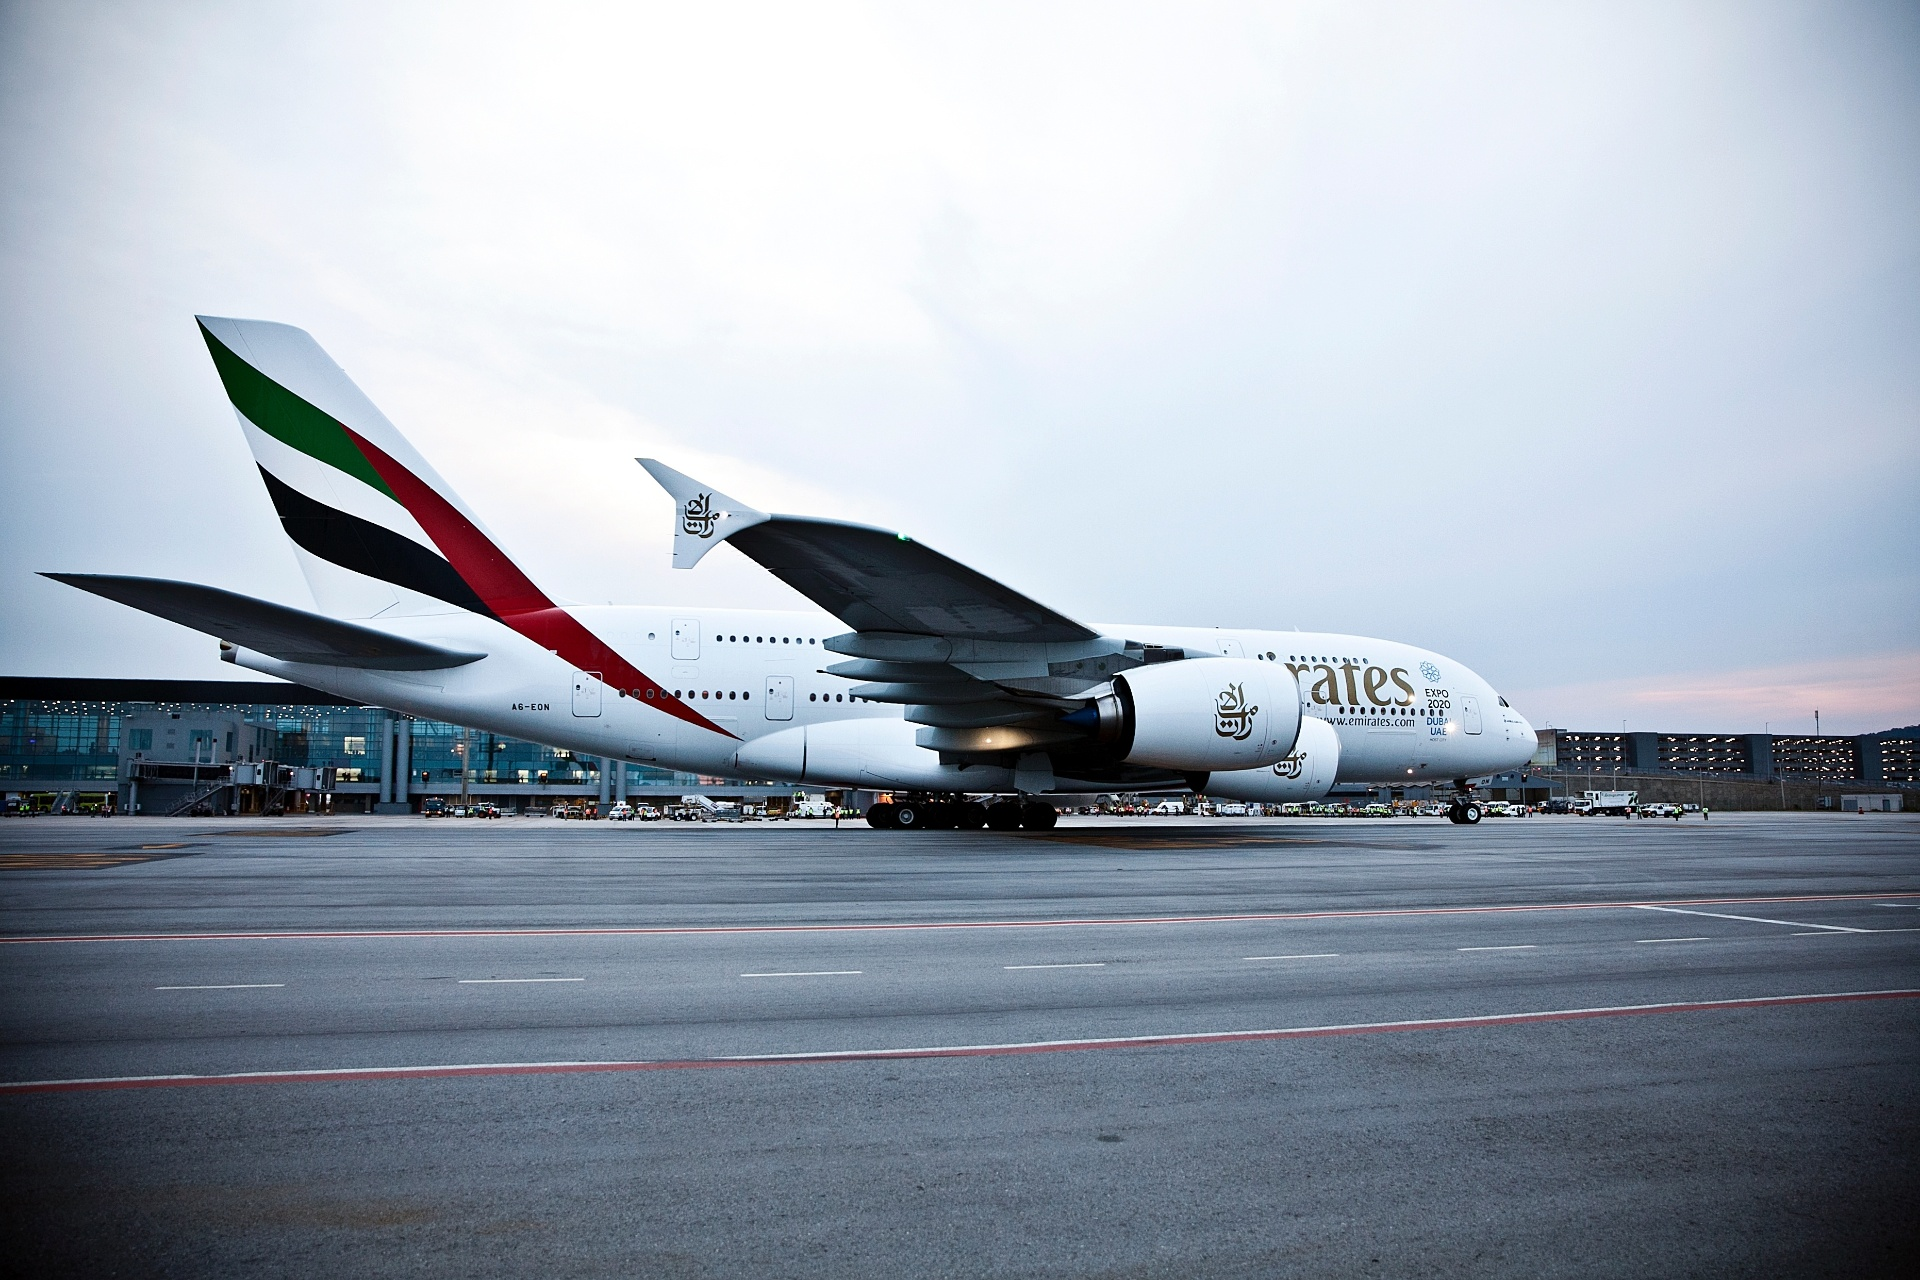 841dd1e923 Este avião é o campeão nas rotas mais longas do mundo